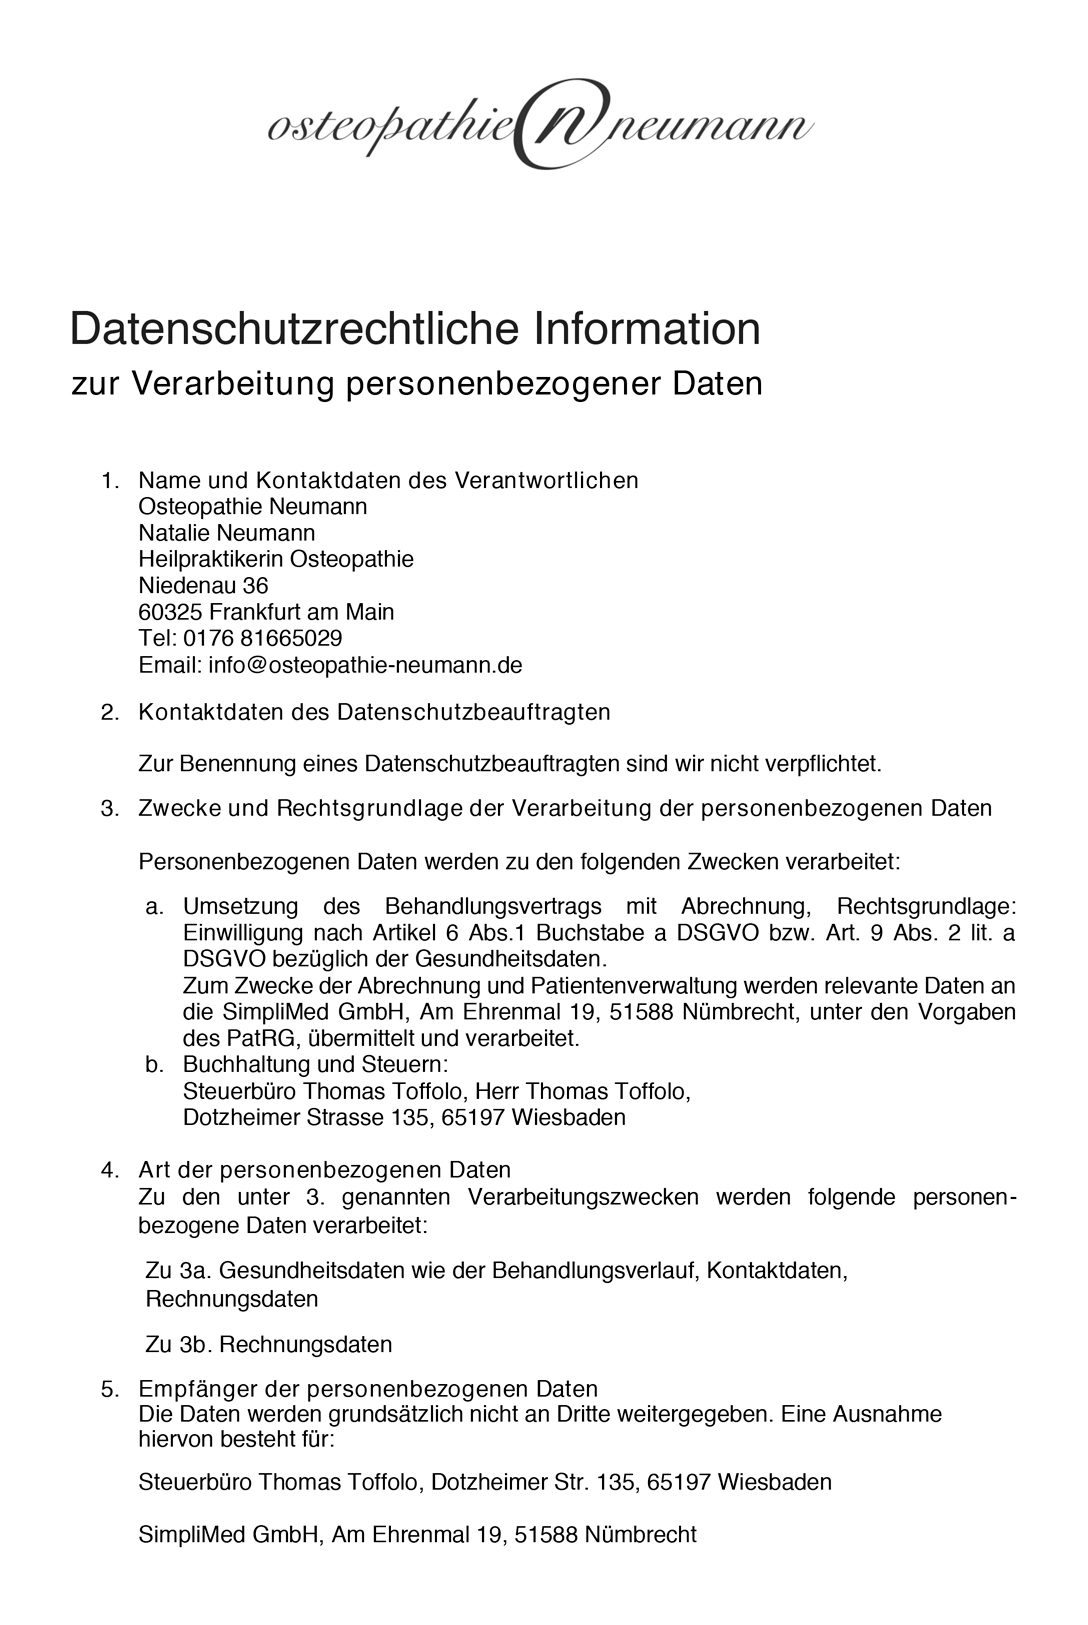 Datenschutz.j-1